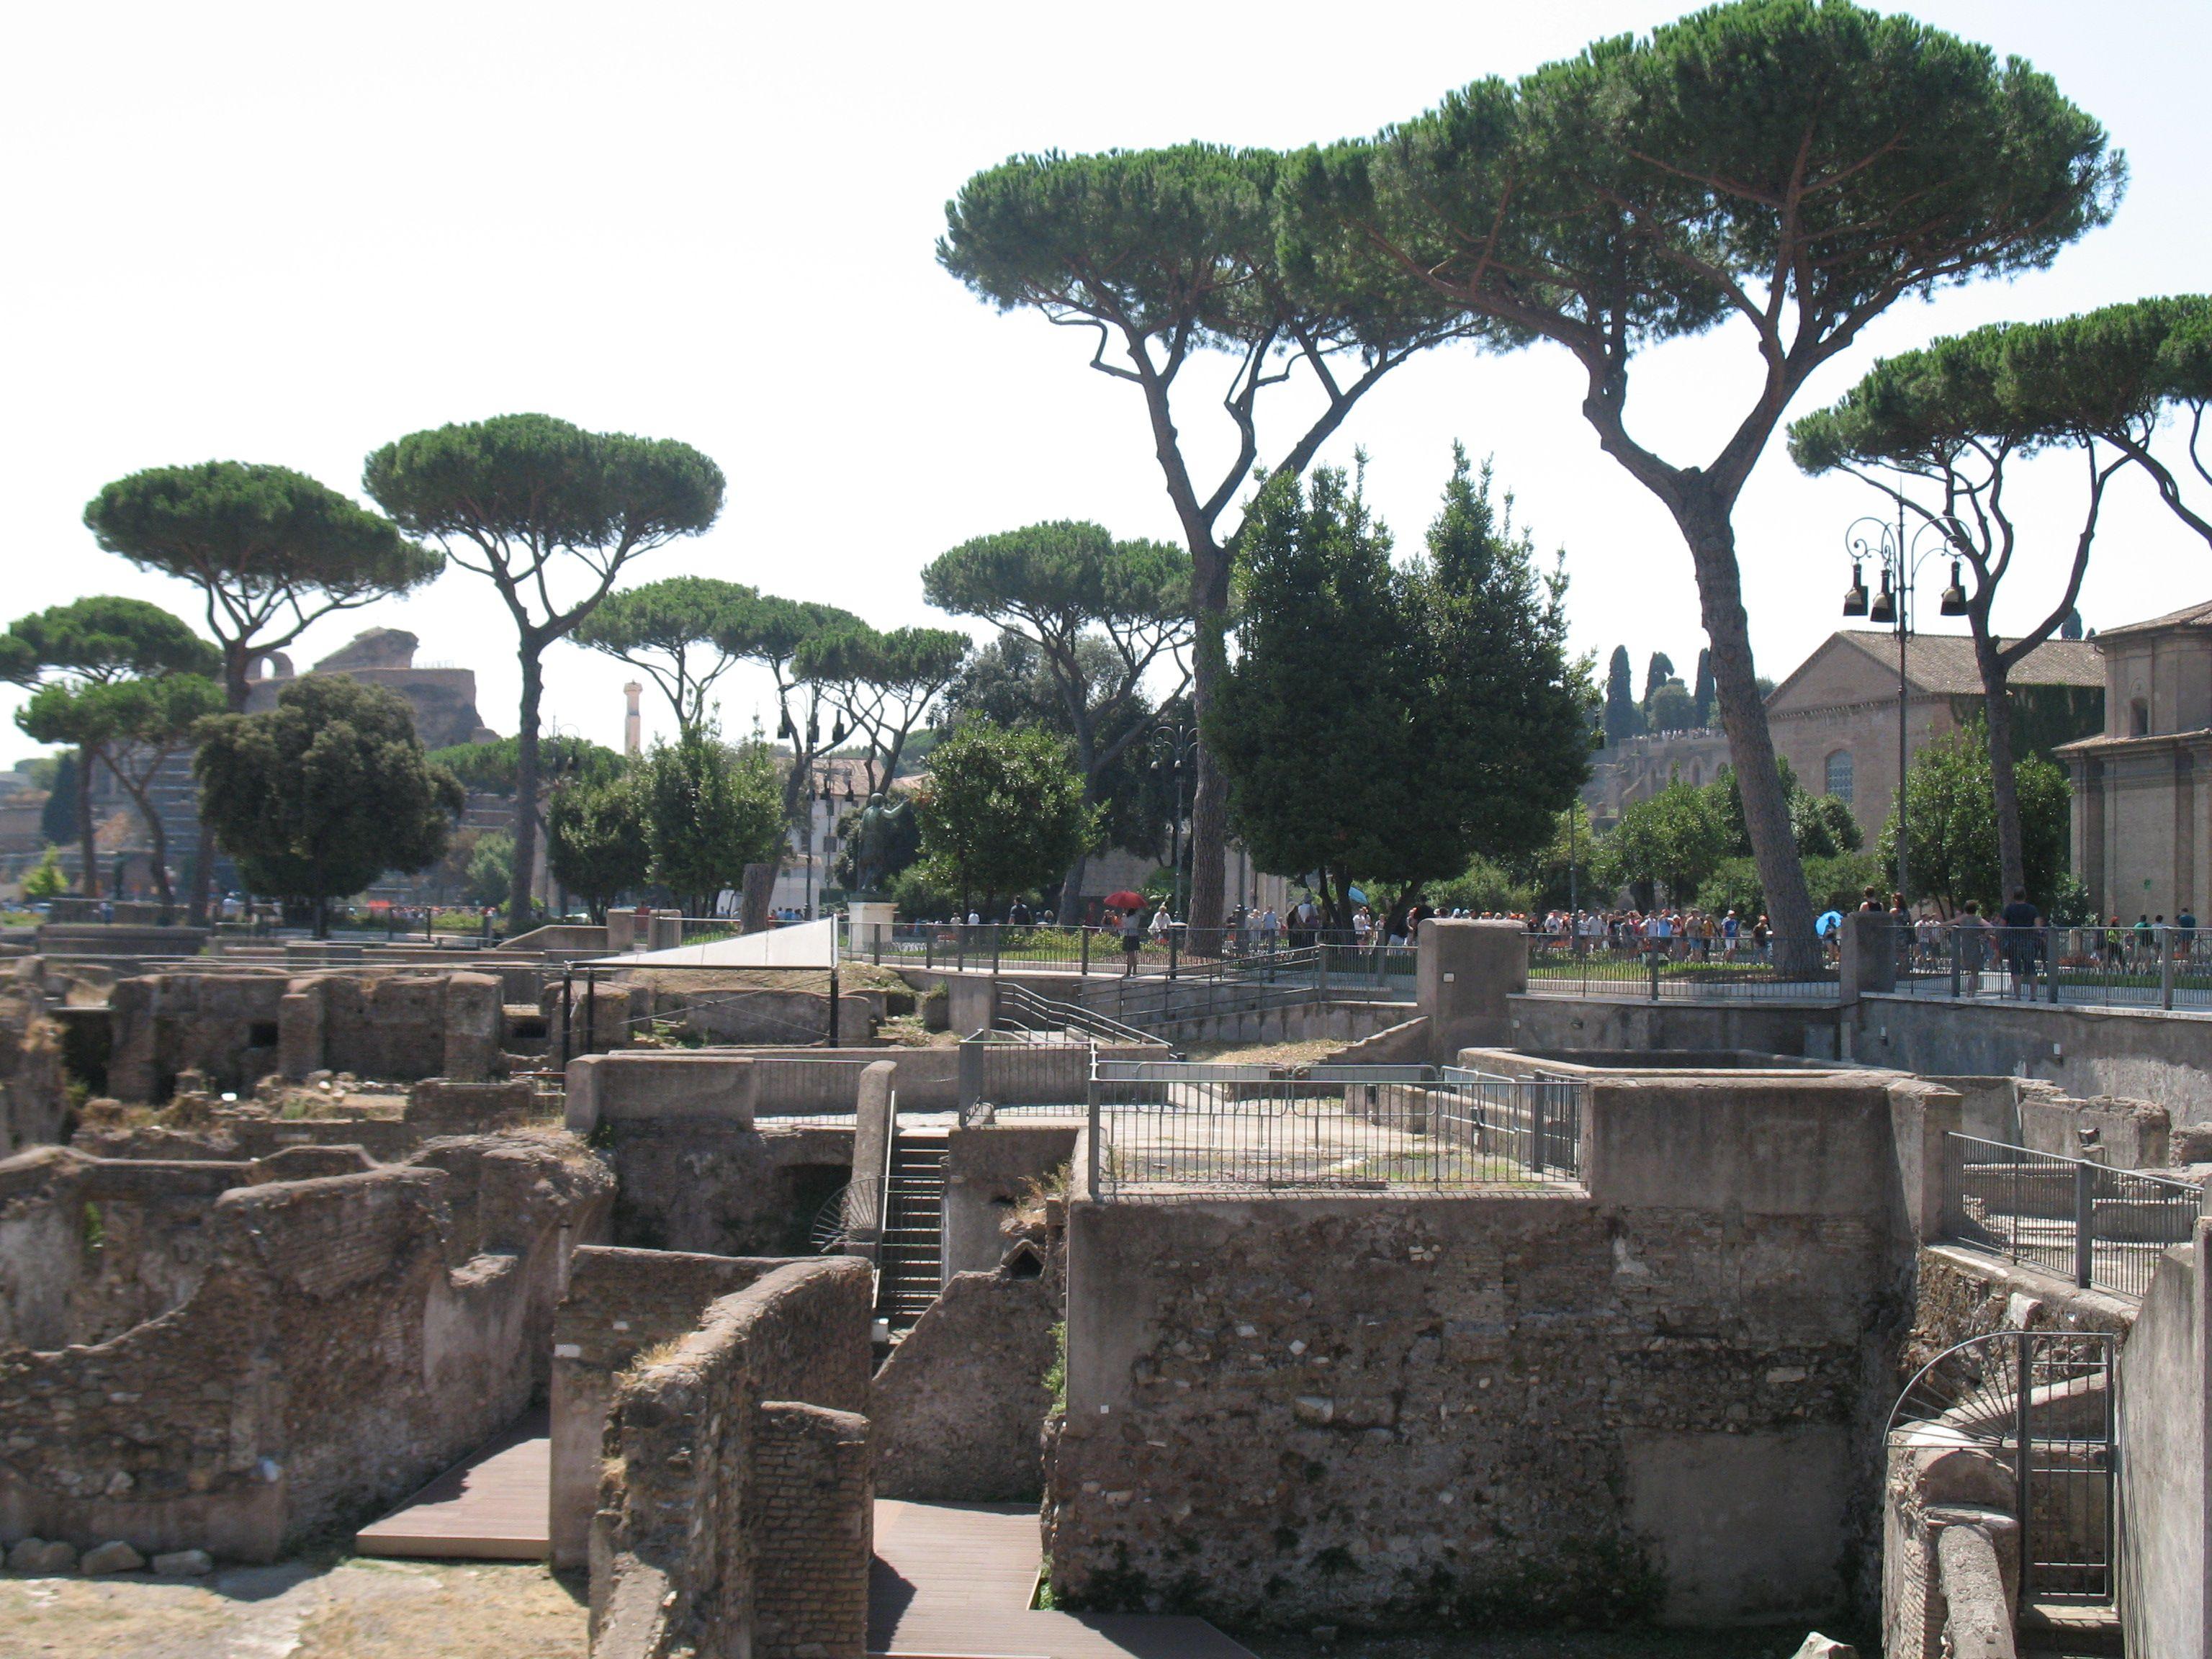 Langs de huidige Via dei fori imperiali liggen de indrukwekkende ruïnes van de keizerlijk fora. Dit is bijvoorbeeld het forum van Augustus.